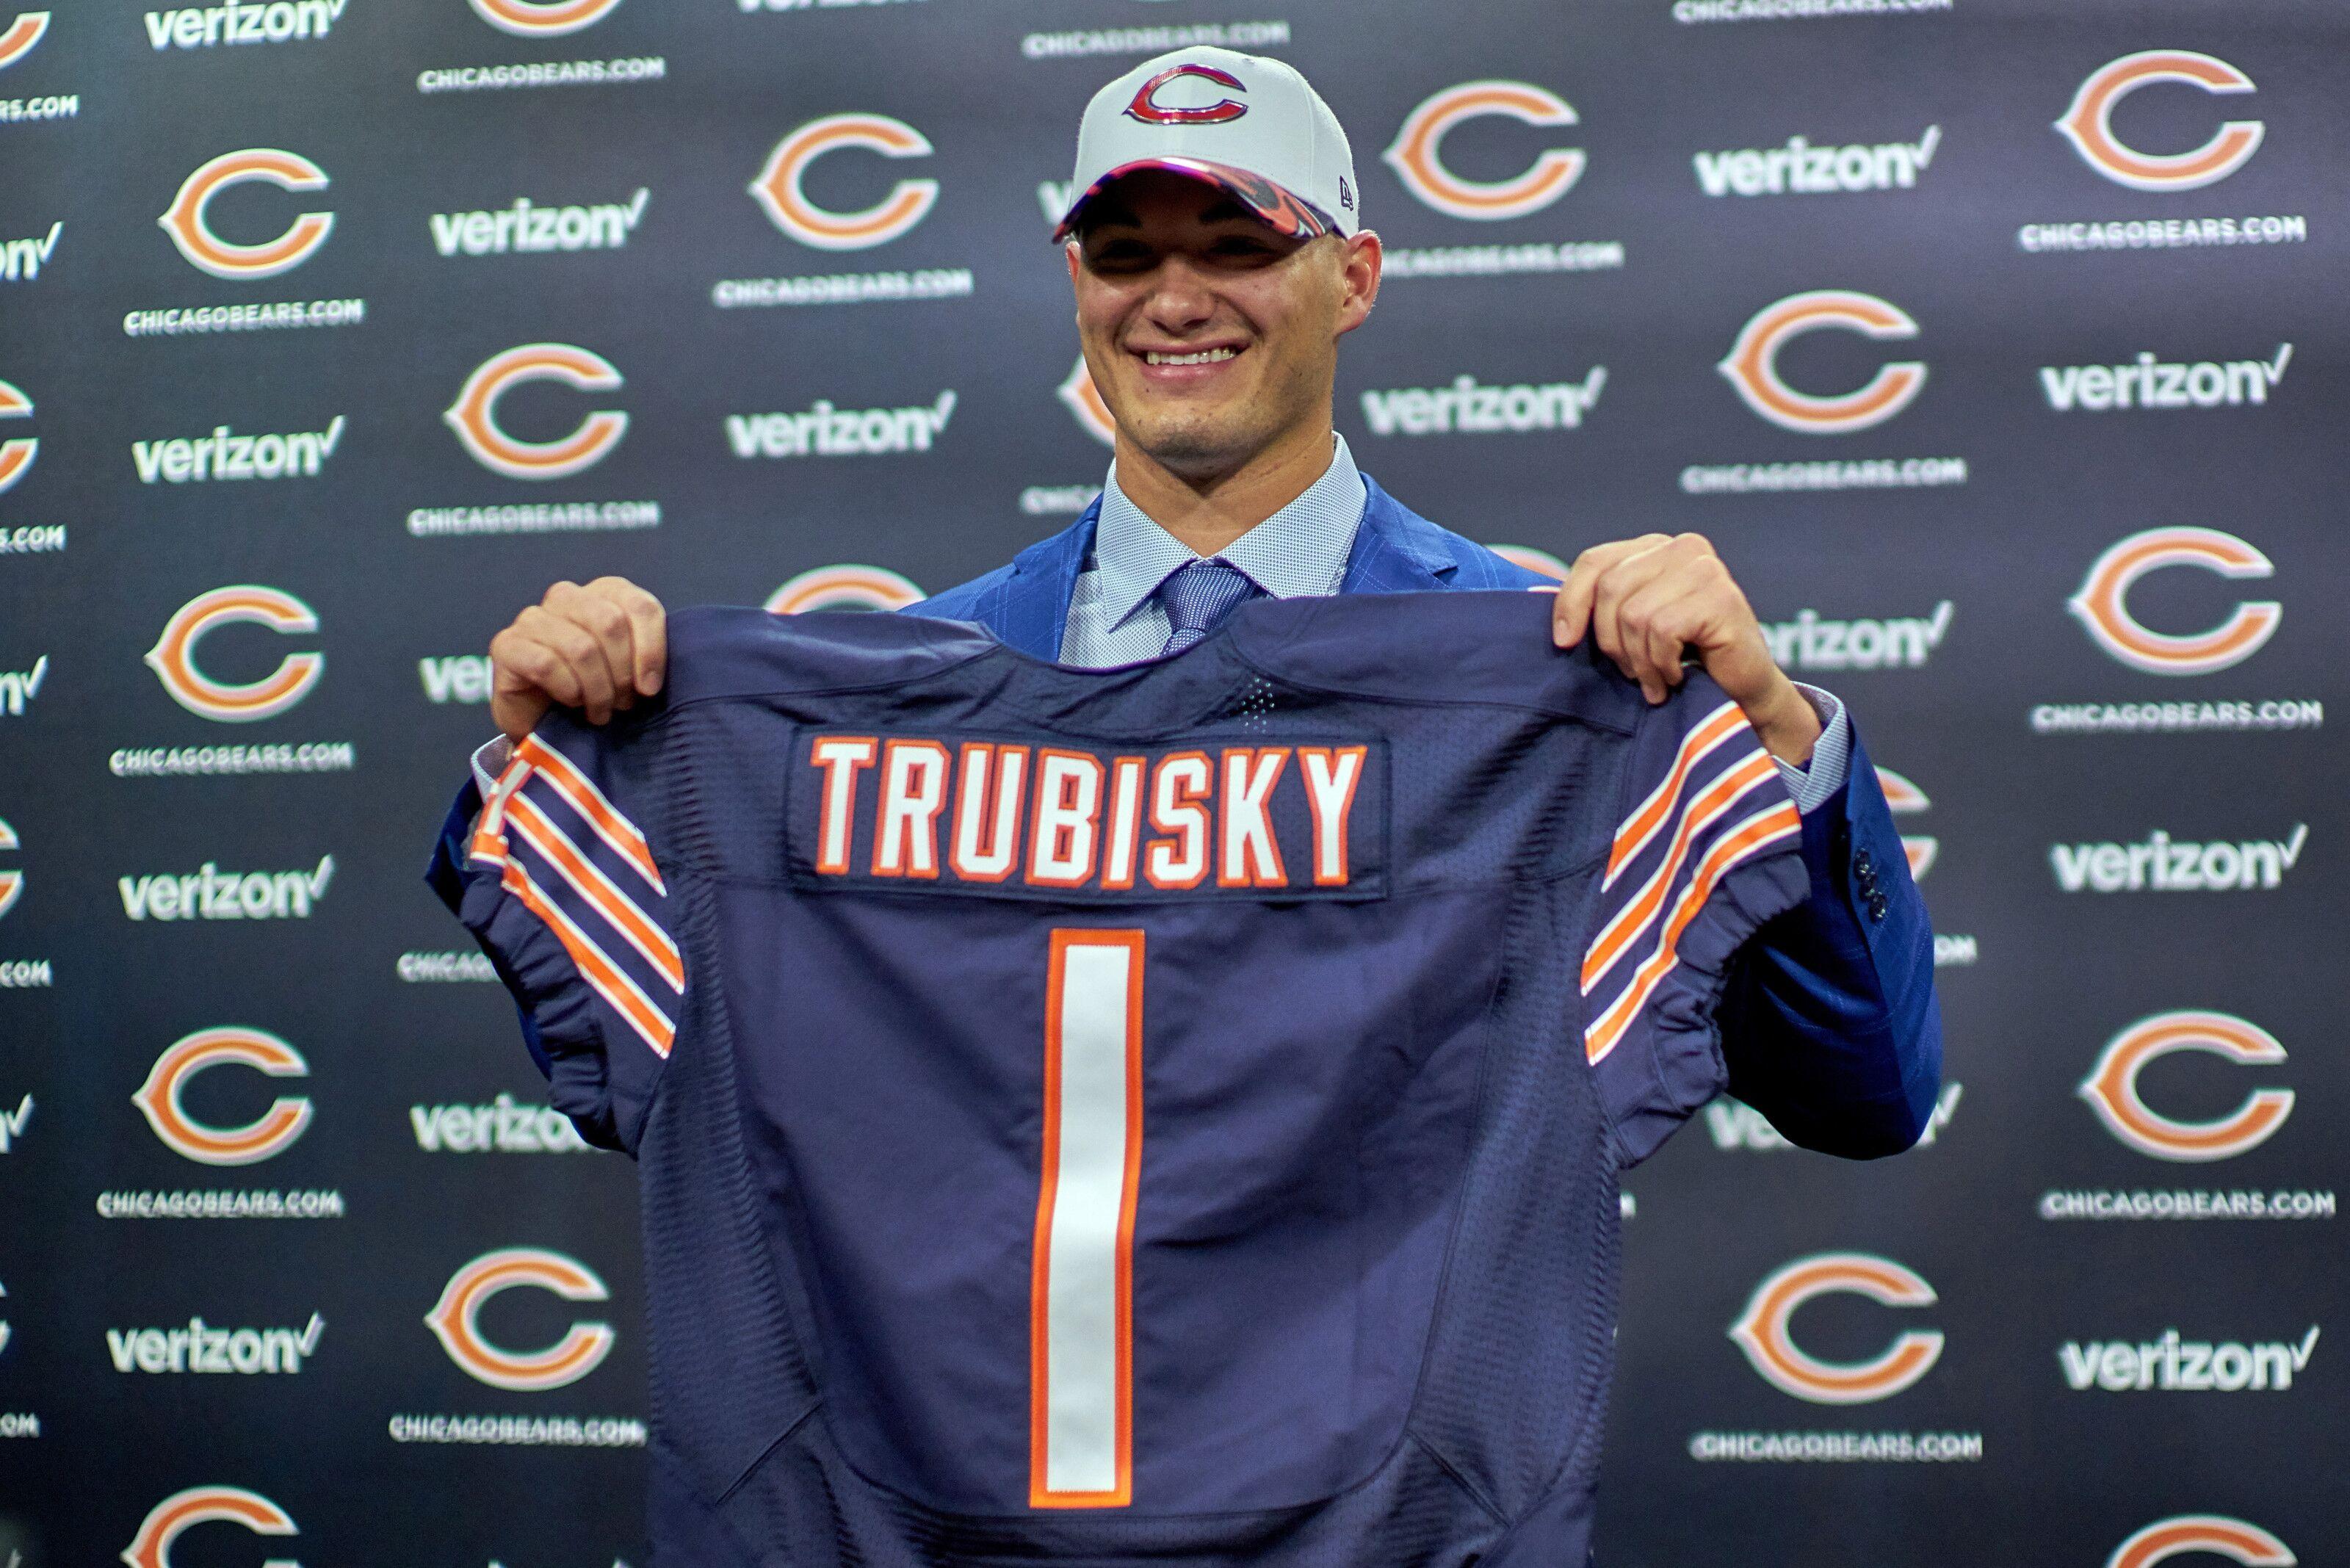 Chicago Bears 2017 NFL Draft retrospective